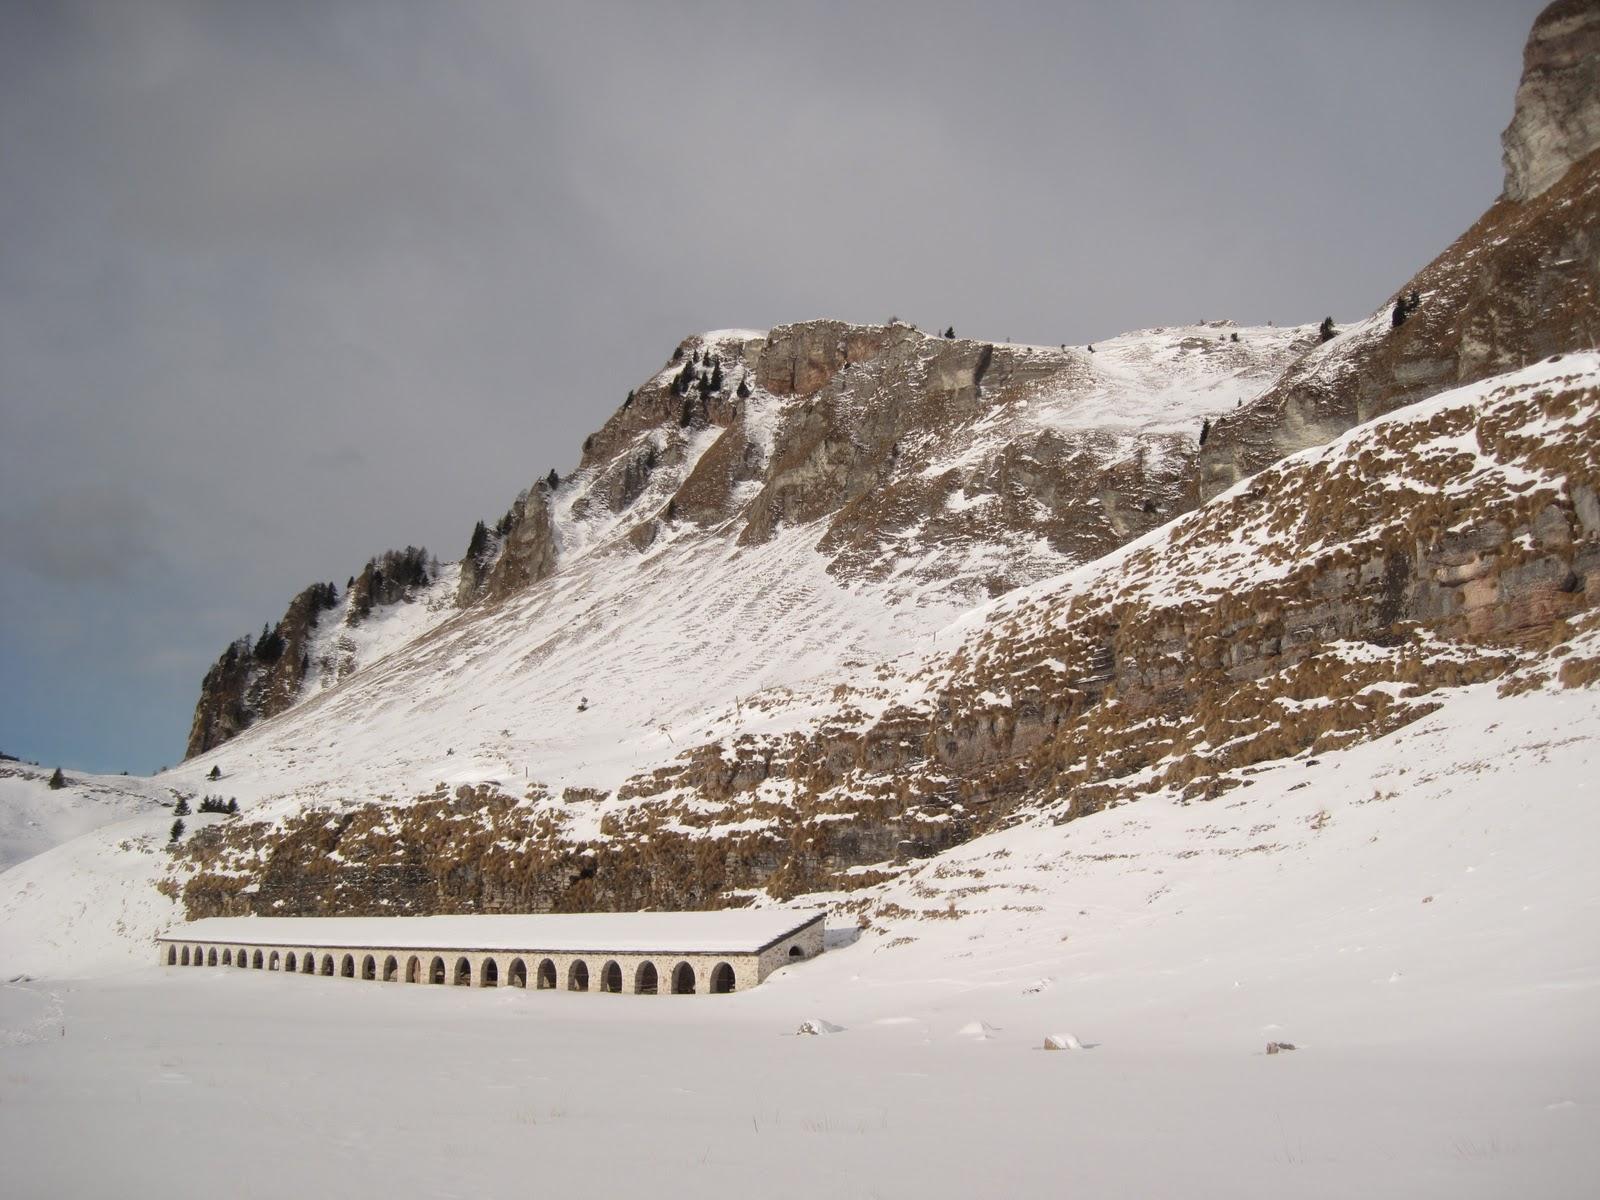 Gruppo amici della montagna di maser invernale ai piani for Piani di montagna moderni